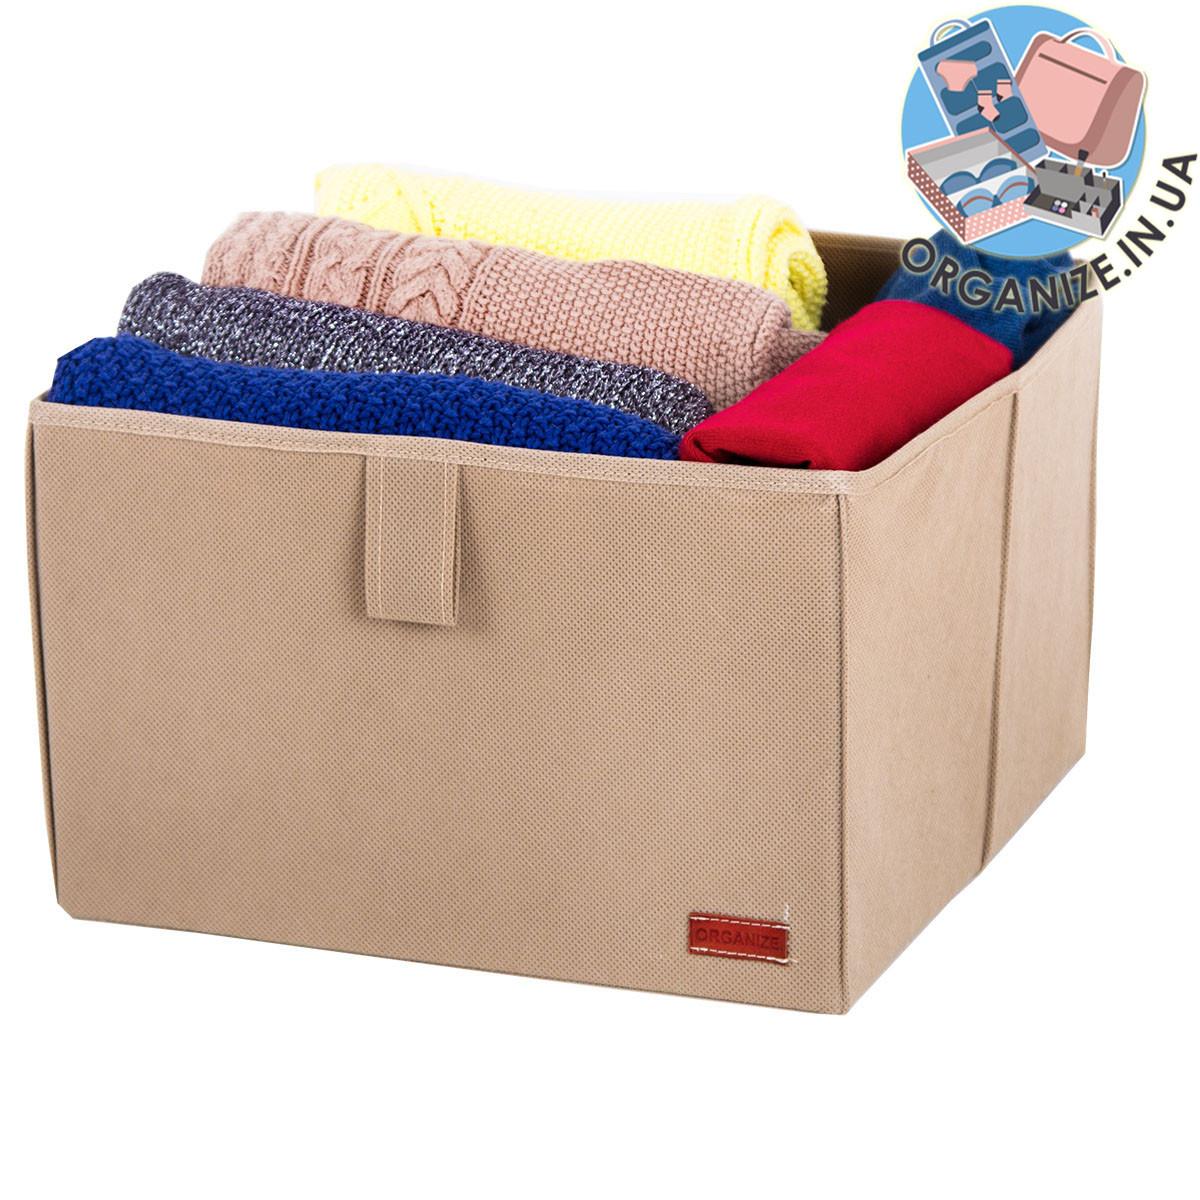 Ящик-органайзер в шкаф для хранения вещей L (бежевый)